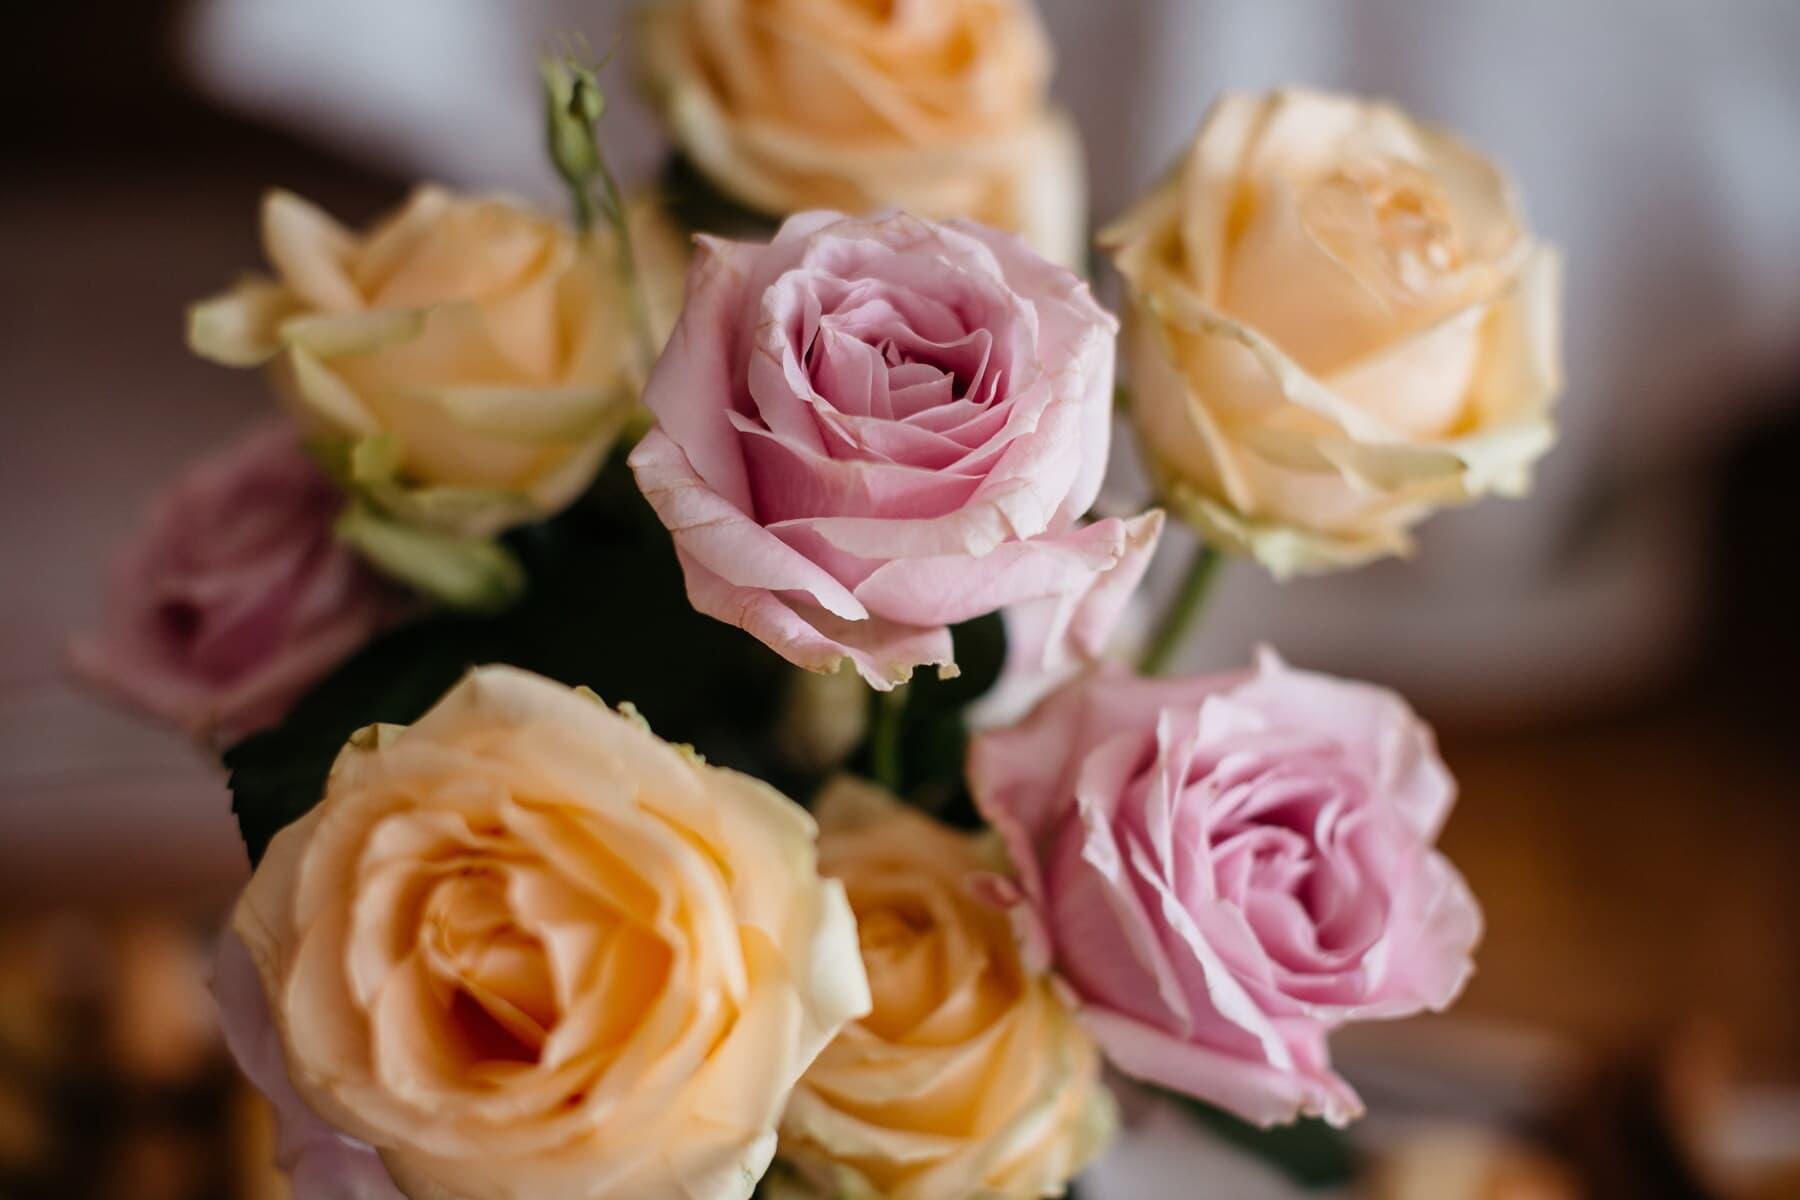 rózsaszínes, Rózsa, csokor, sárgás-barna, közelkép, Rózsa, dekoráció, virág, elegáns, levél